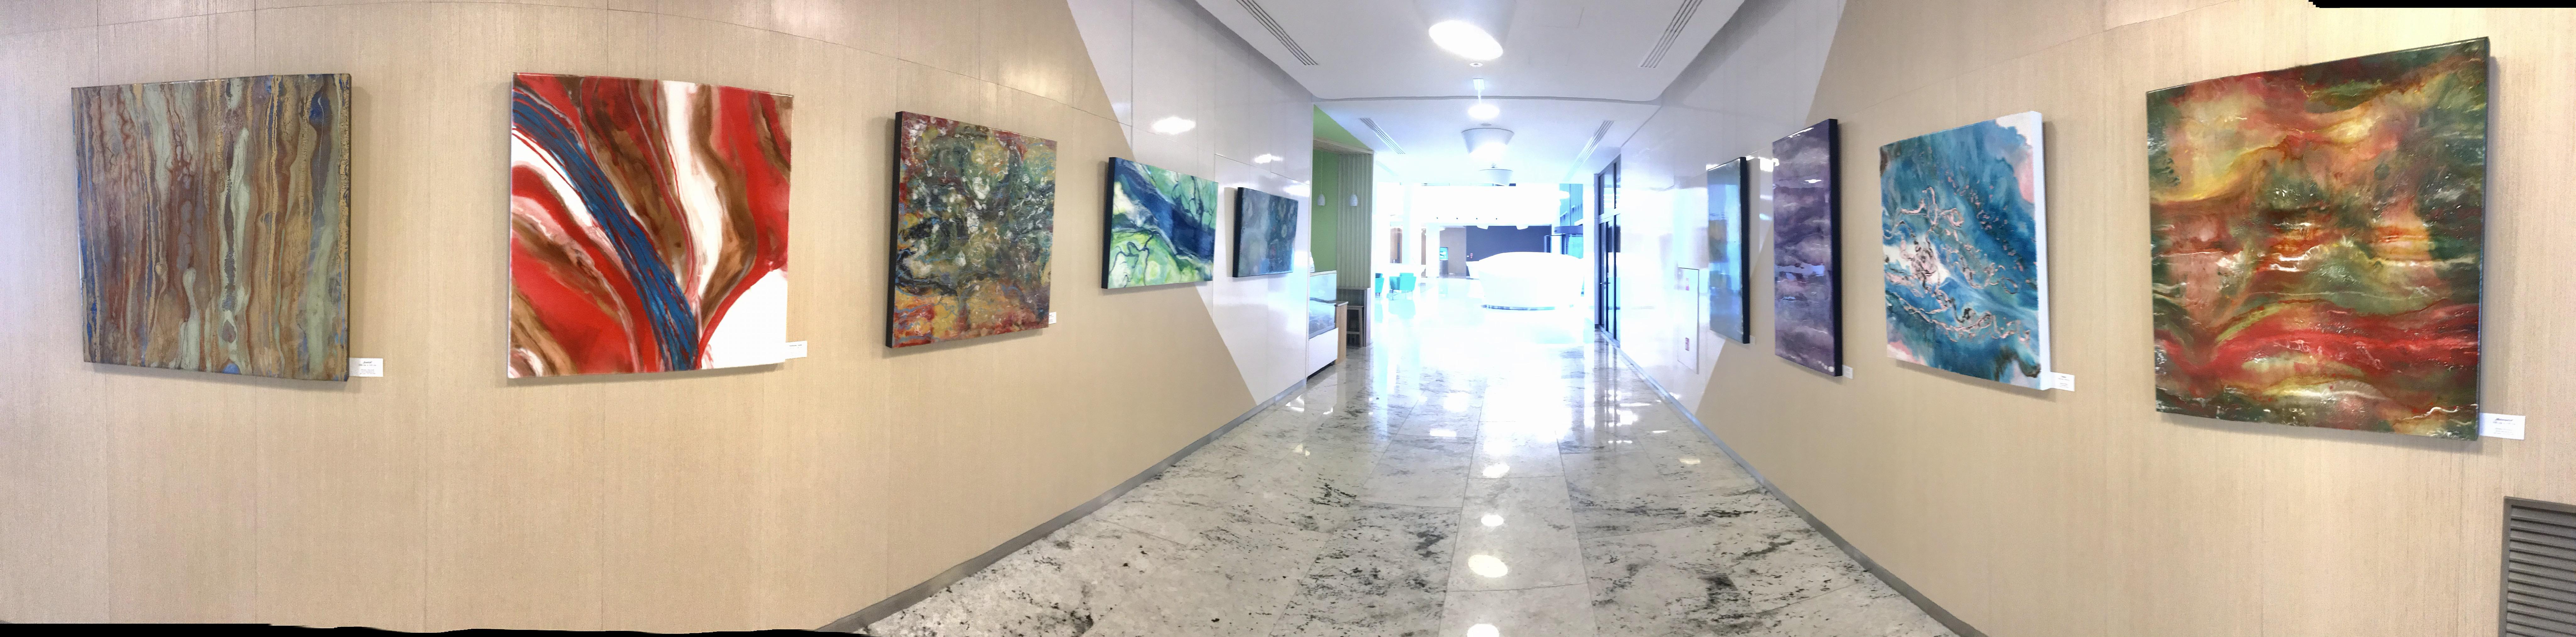 Merlino Bottega D Arte galleria merlino bottega d'arte firenze , italy – inka2arte